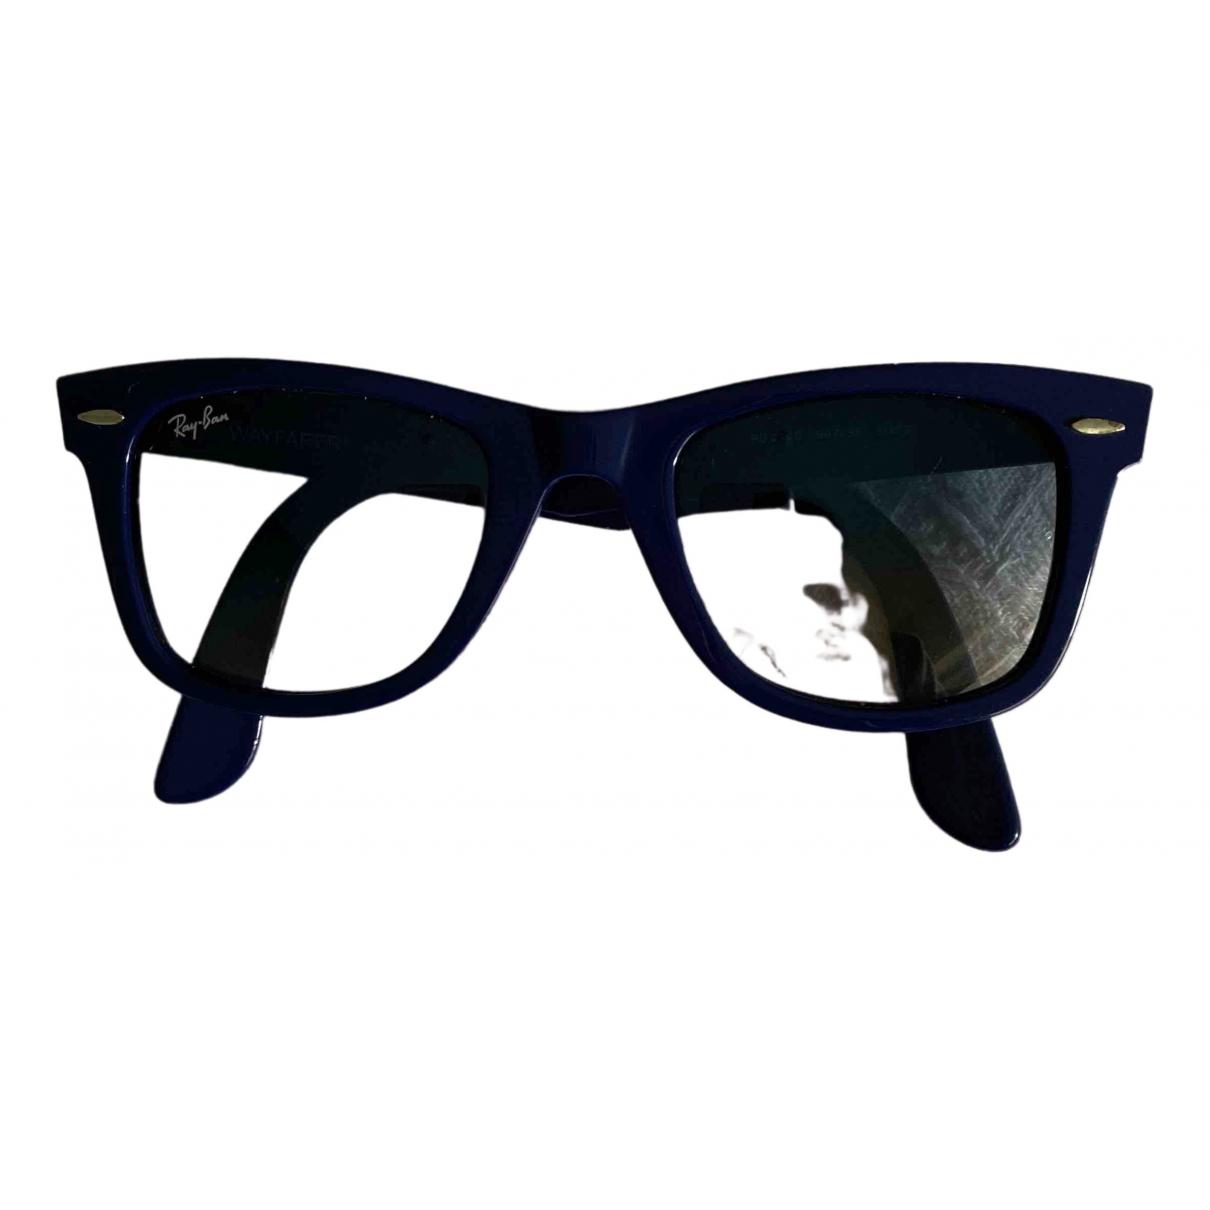 Ray-ban - Lunettes New Wayfarer pour femme - bleu